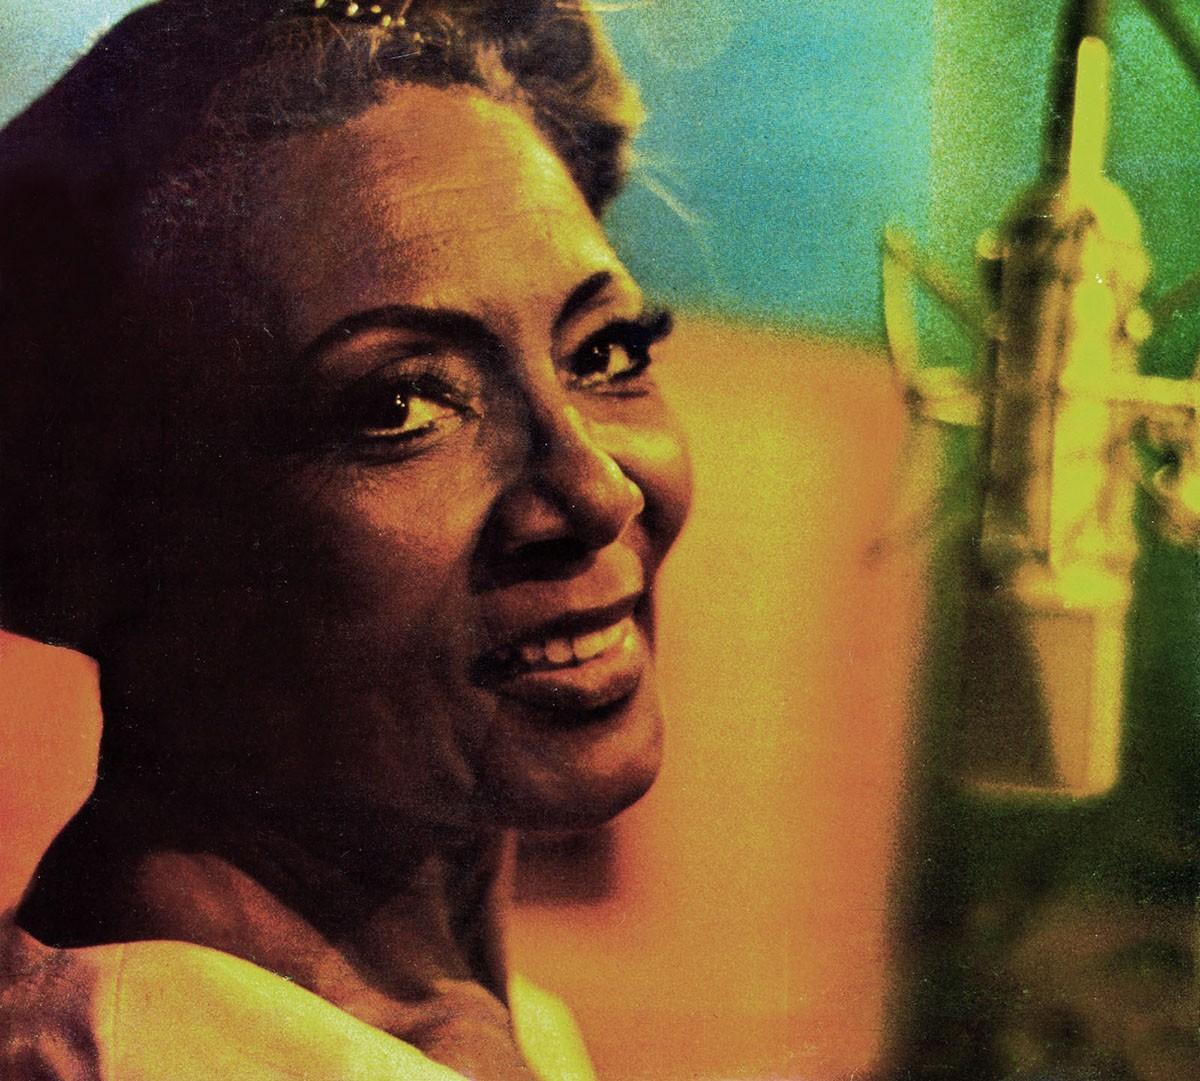 Carmen Costa, cantora de outros Carnavais, merece tributos pelo centenário de nascimento